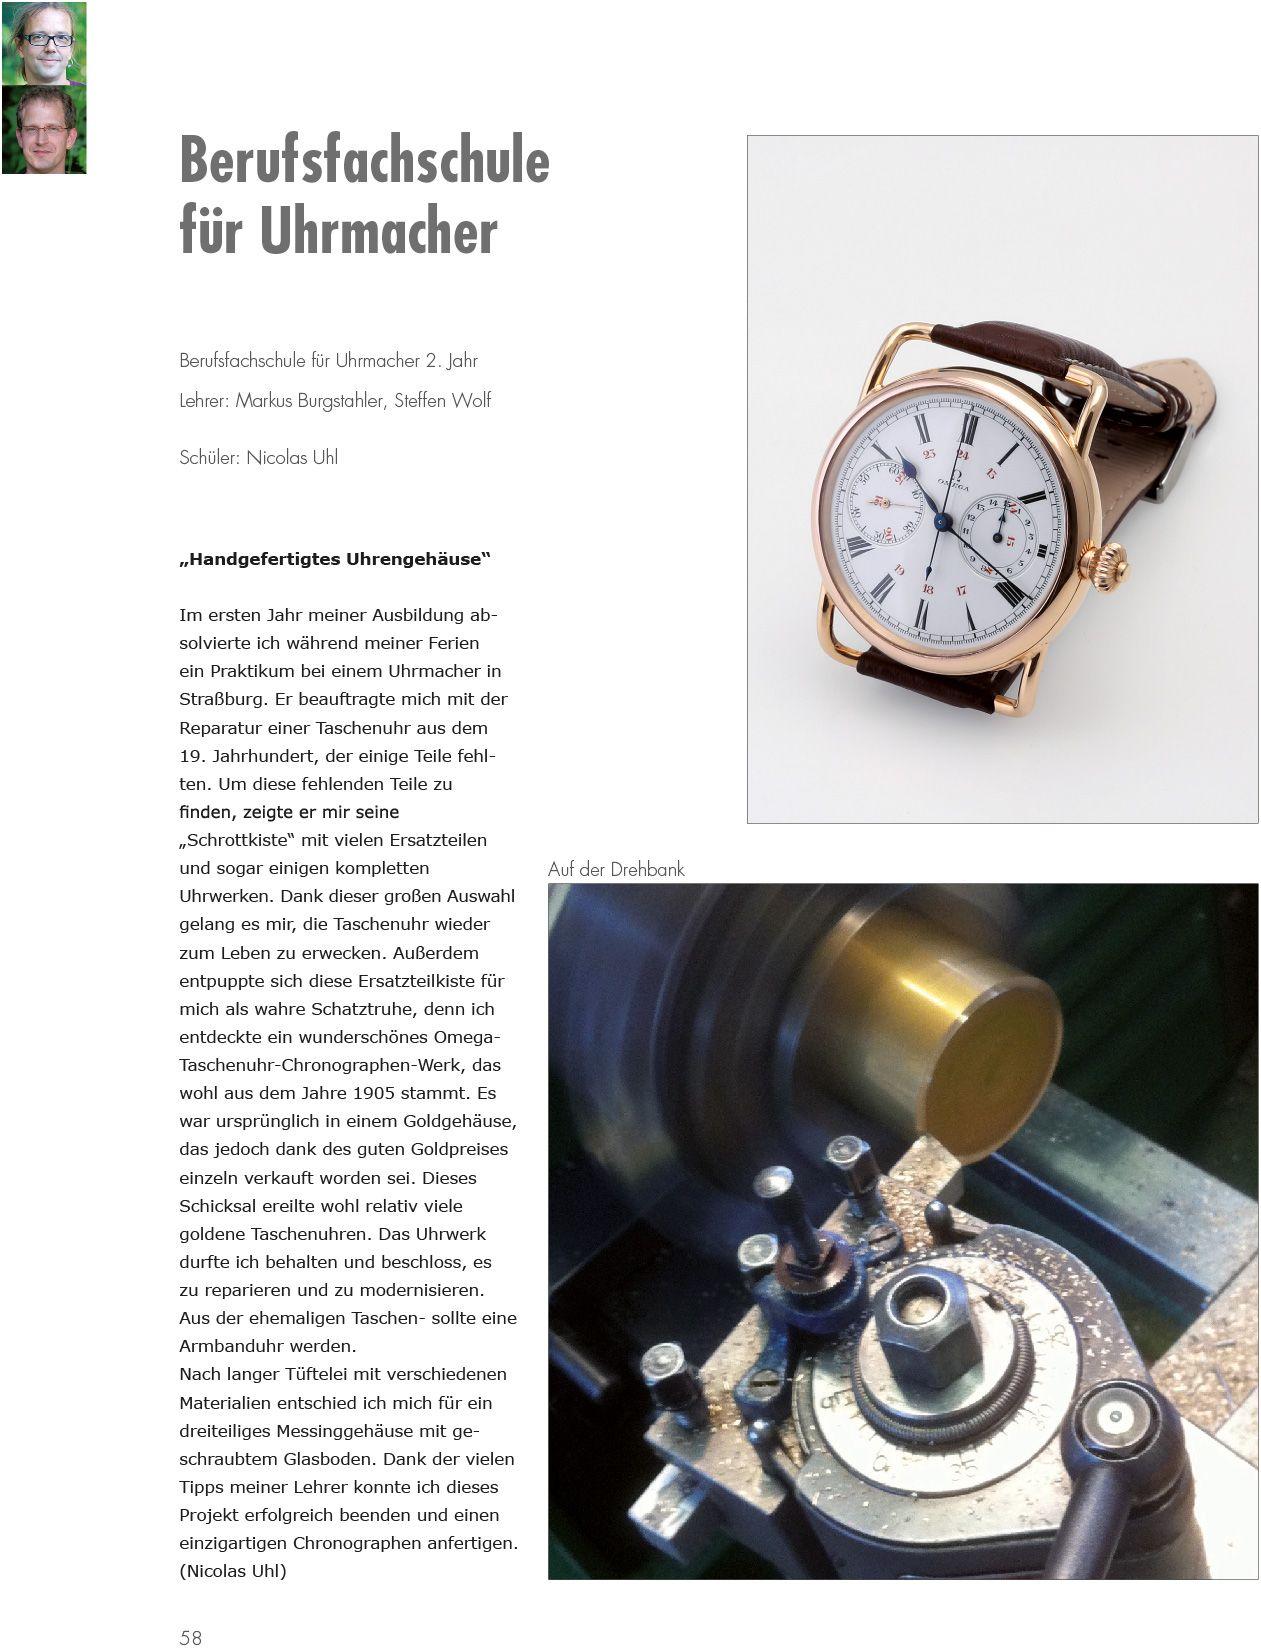 2016 - Handgefertigtes Uhrgehäuse - Berufsfachschule für Uhrmacher